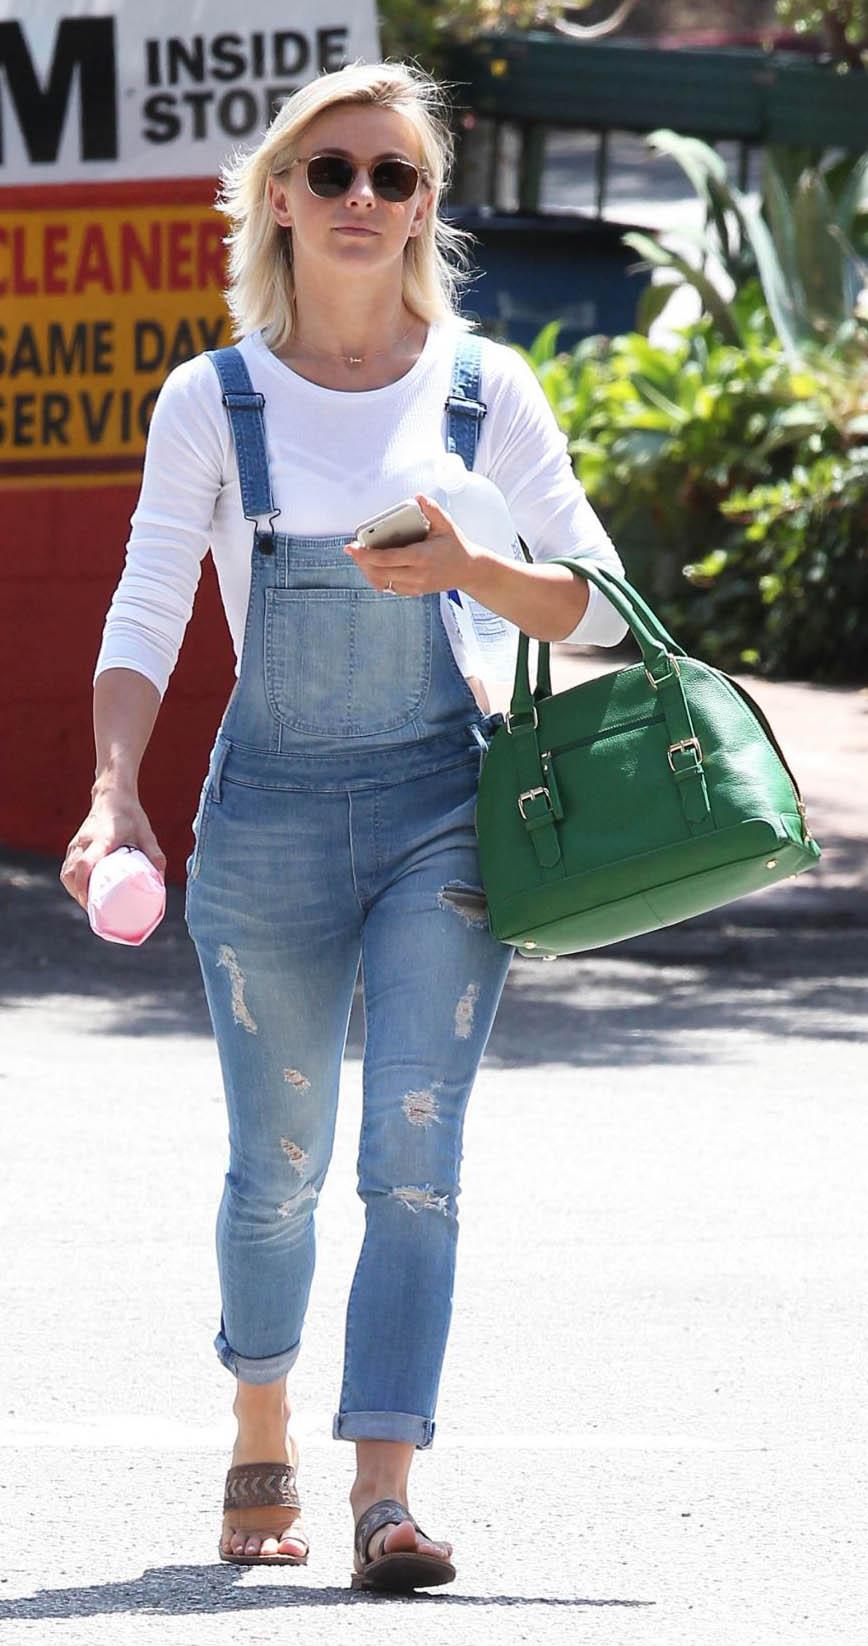 blue-light-jumpsuit-overalls-denim-white-tee-green-bag-sun-juliannehough-blonde-spring-summer-weekend.jpg